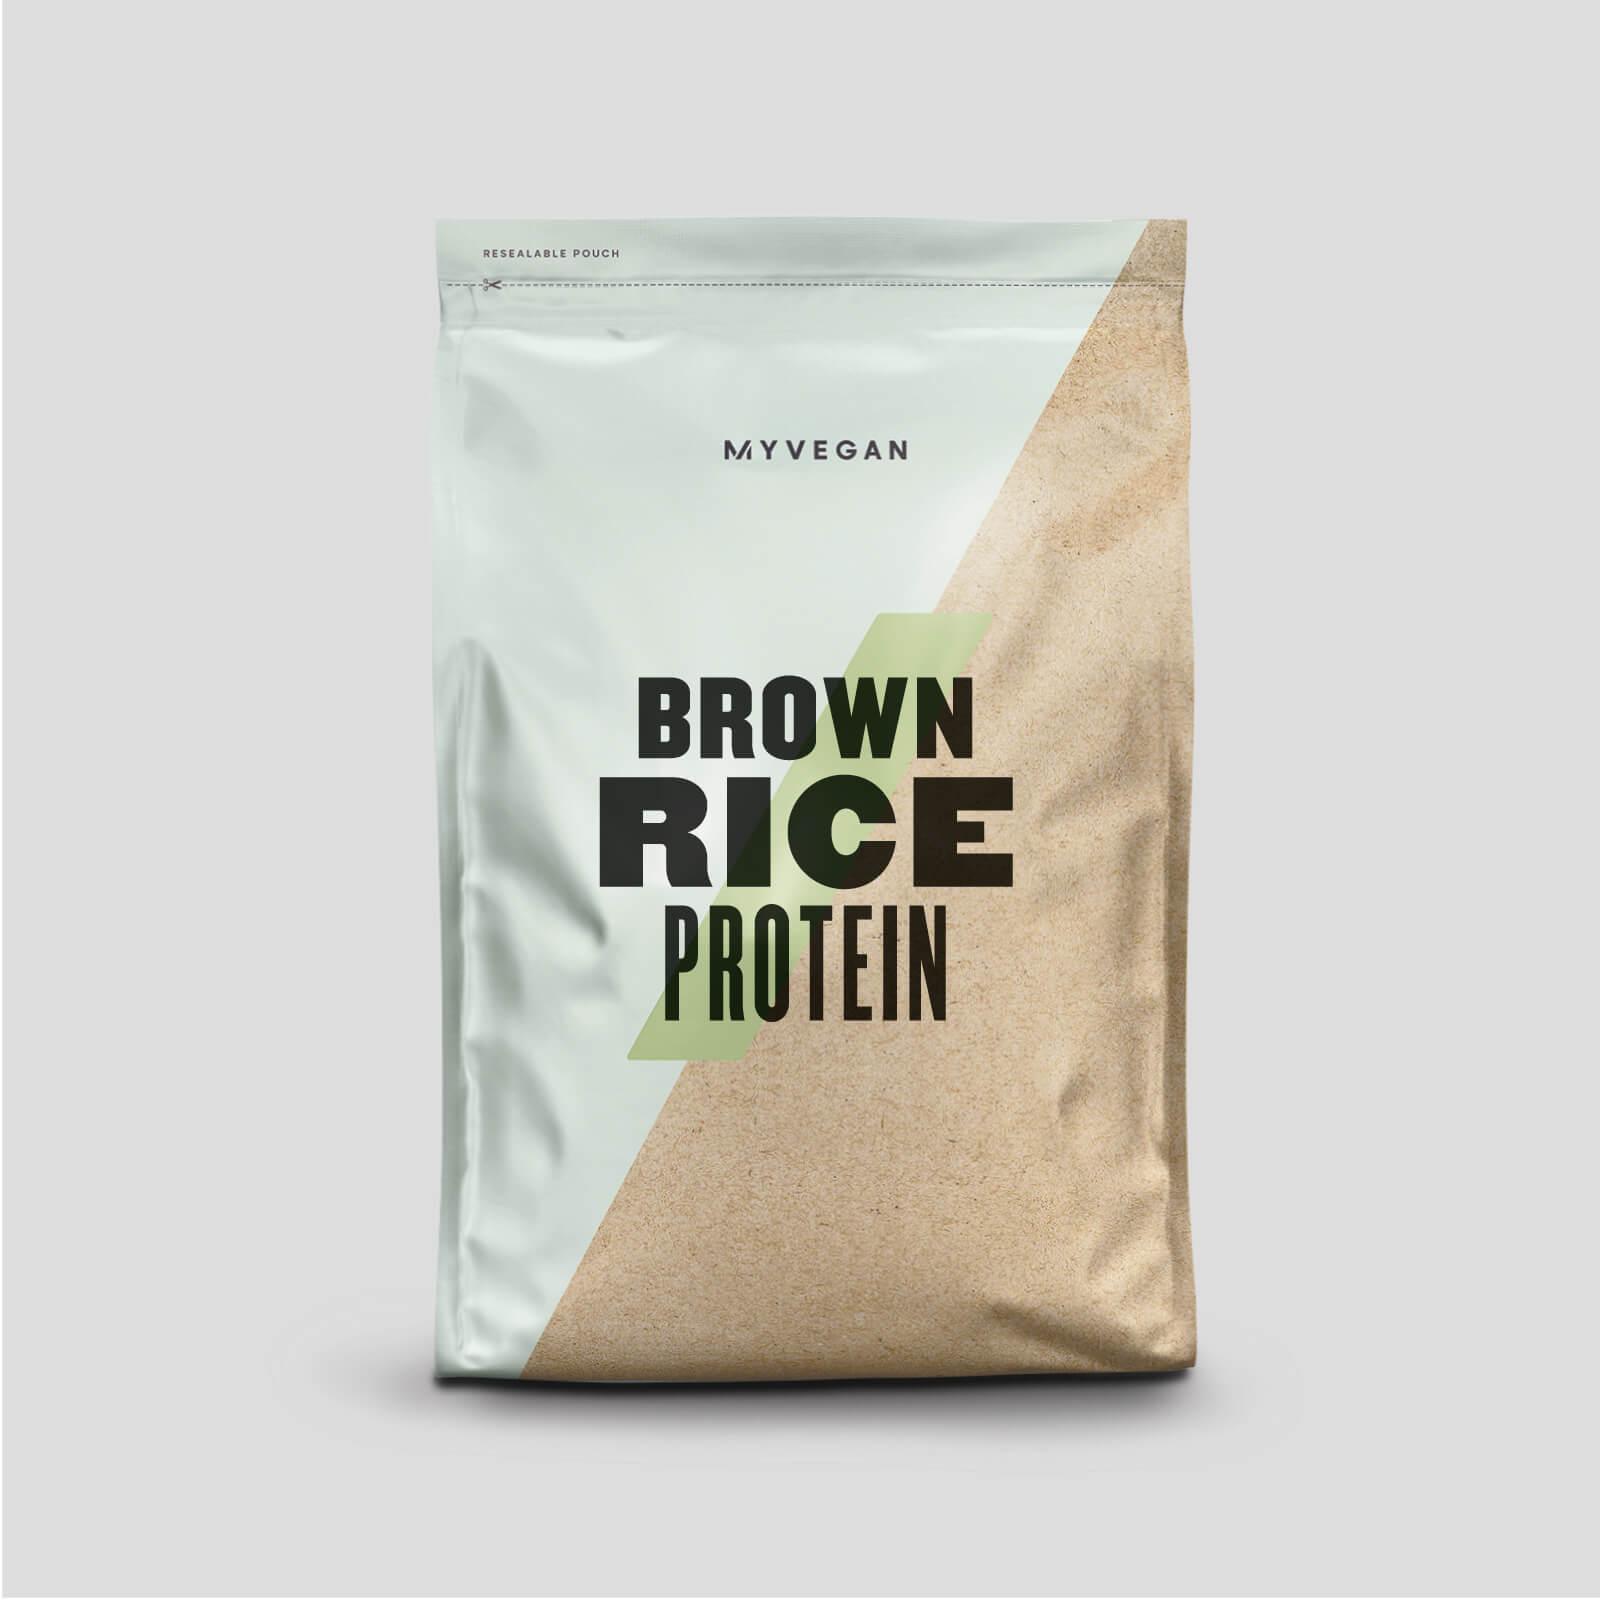 Protéine de riz brun - 1kg - Sans arôme ajouté